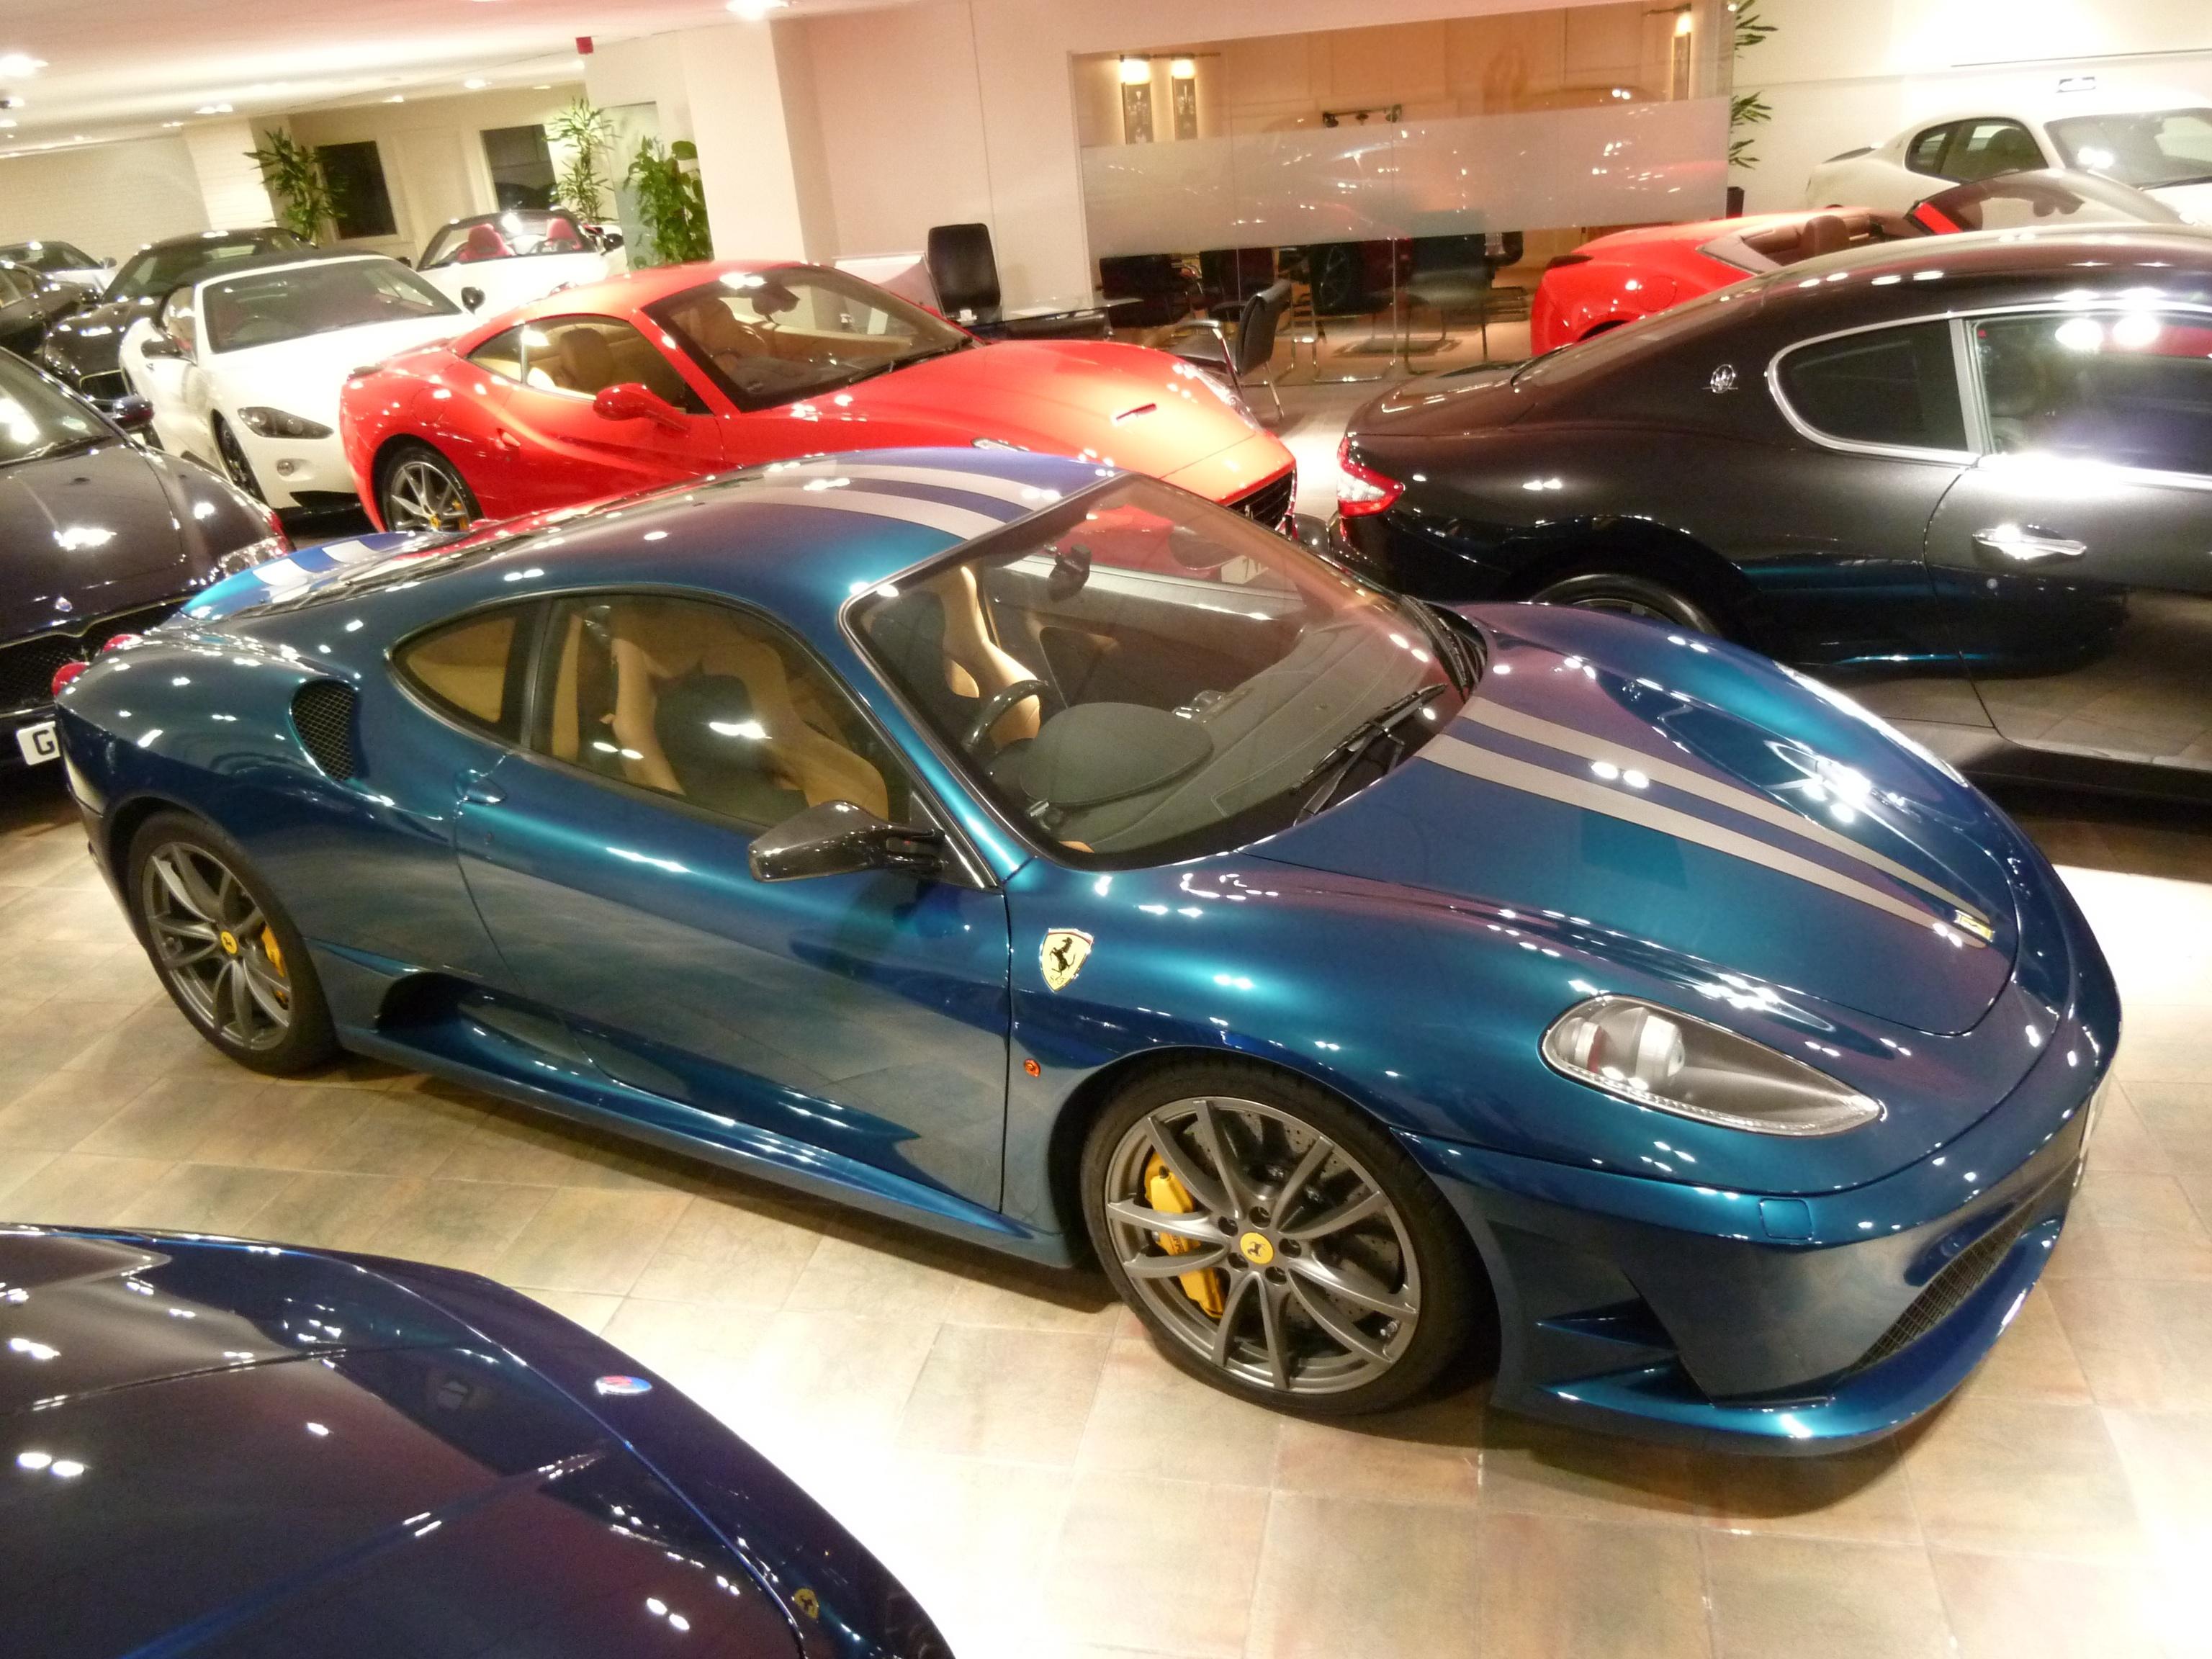 File Ferarri Ferrari F430 Scuderia Blue 6591148195 Jpg Wikimedia Commons